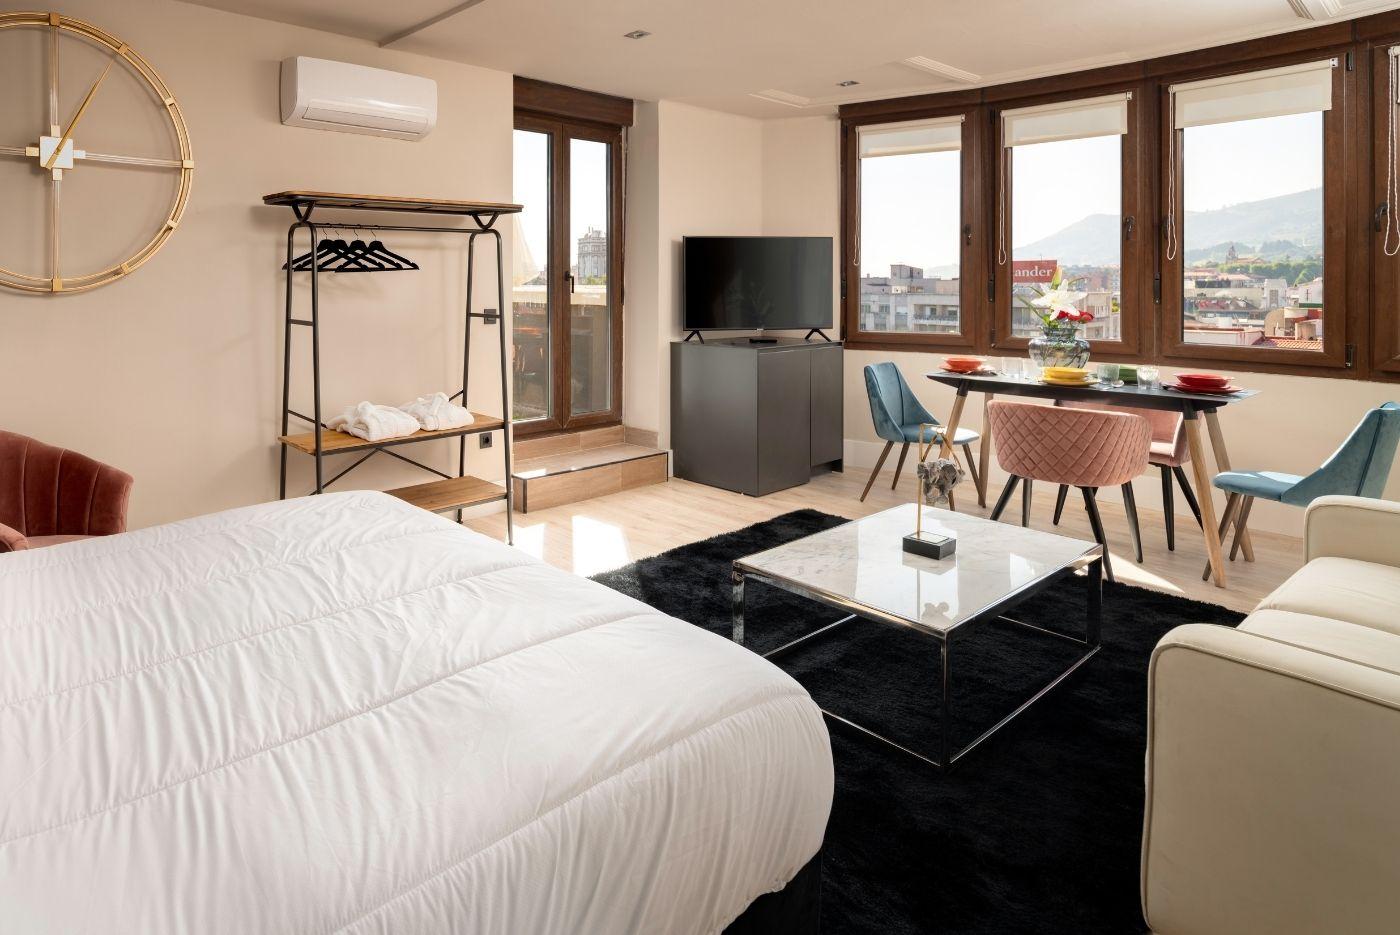 Apartamento-Suite-Atico-75-Oviedo-1907-01